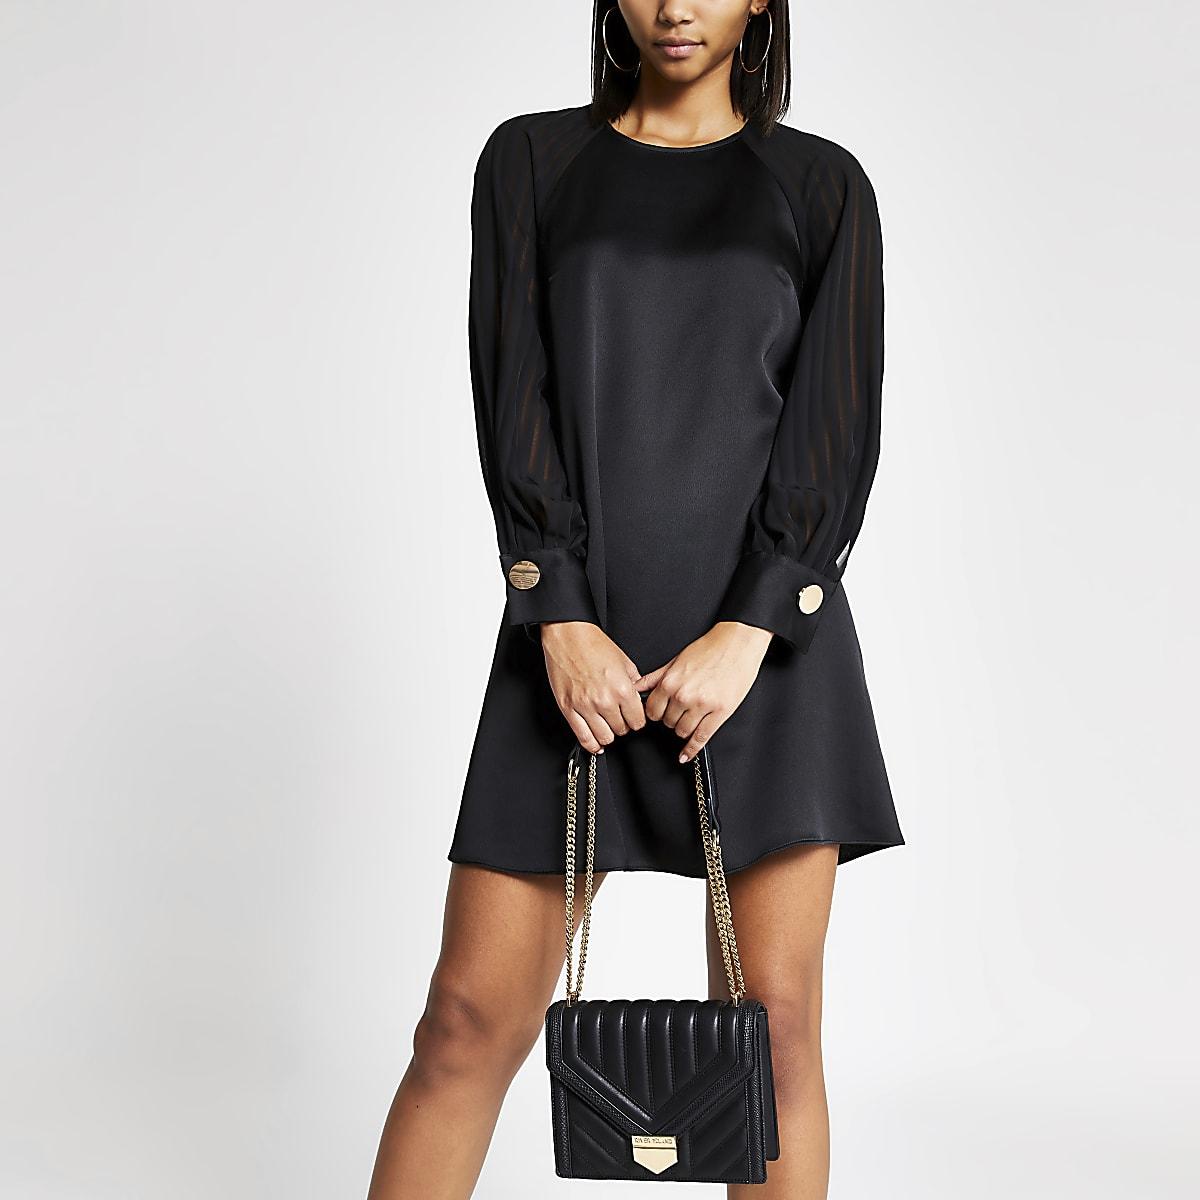 Robe noire avec manches fendues rayées tranparentes,style rétro